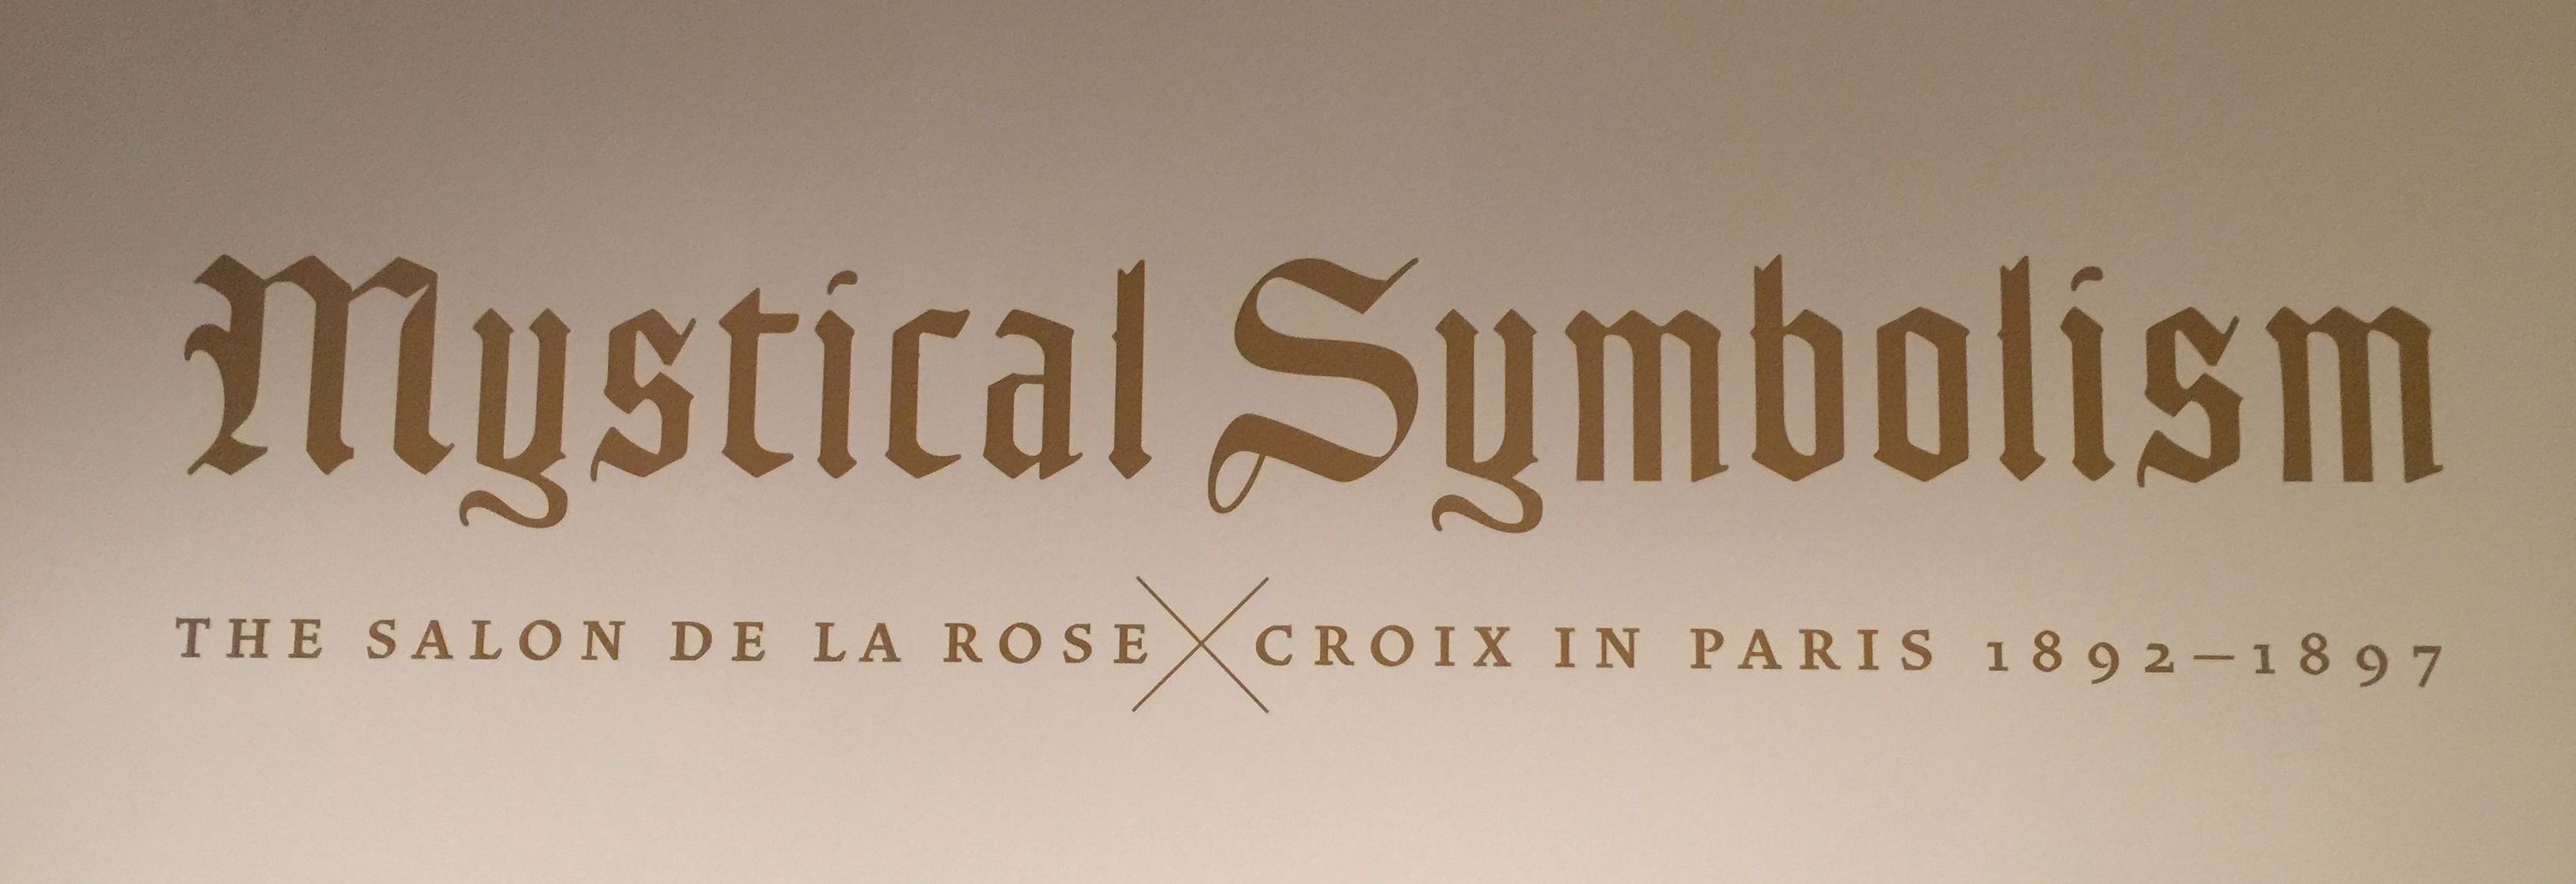 Salon De La Rose Croix Exhibition Rose Circle Books